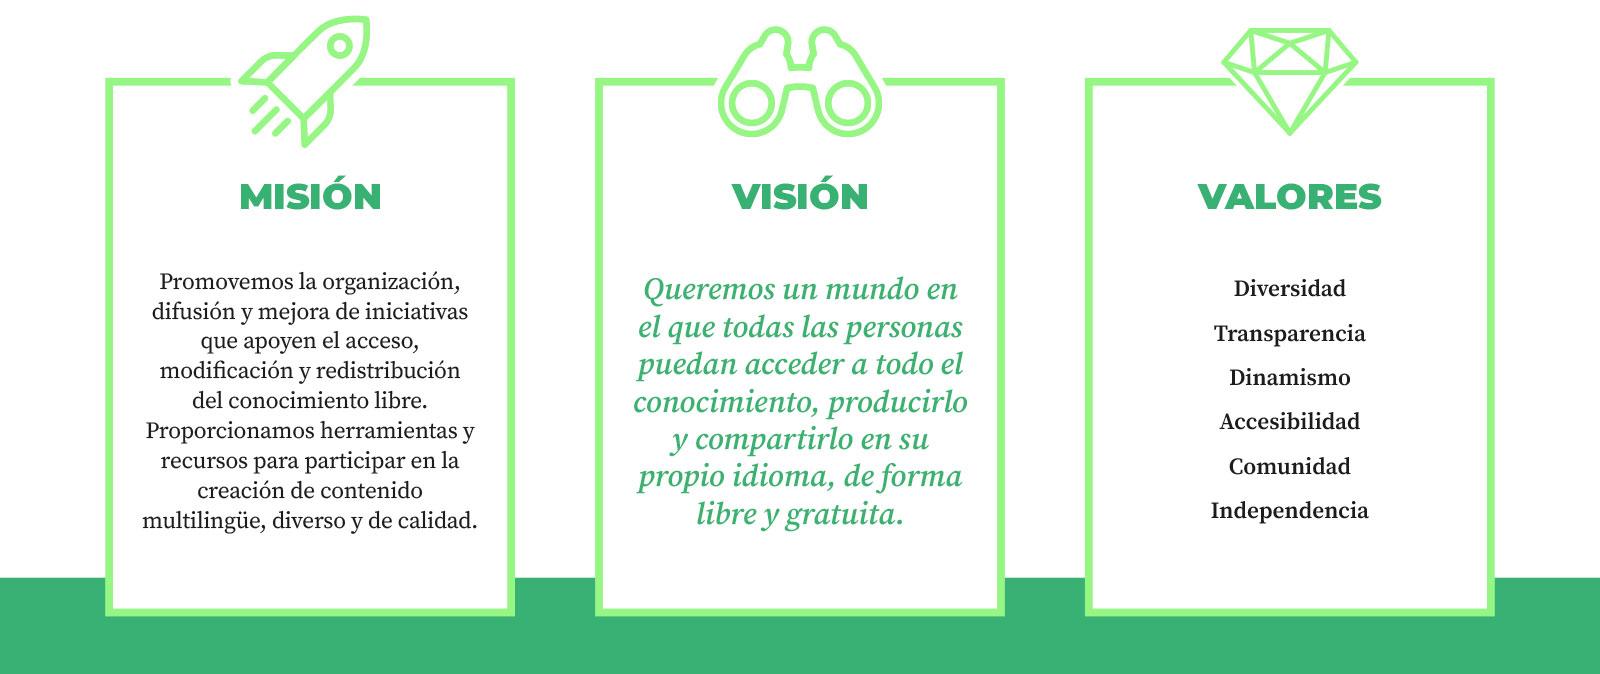 Misión, visión y valores de Wikimedia España.